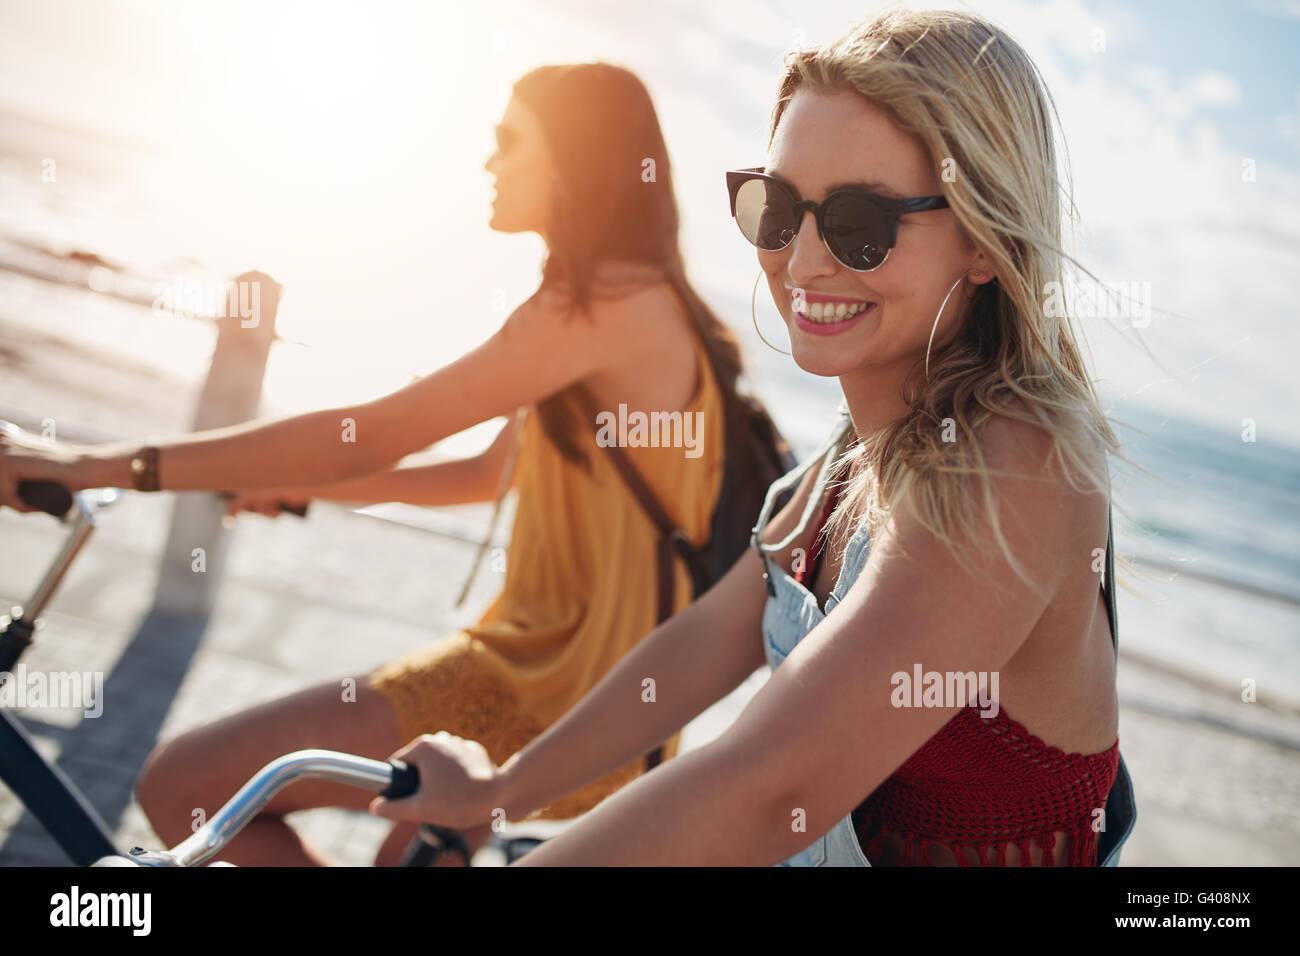 Mujer sonriente montando bicicleta con su amiga en un día soleado. Dos amigas en bicicleta por un paseo marítimo. Imagen De Stock